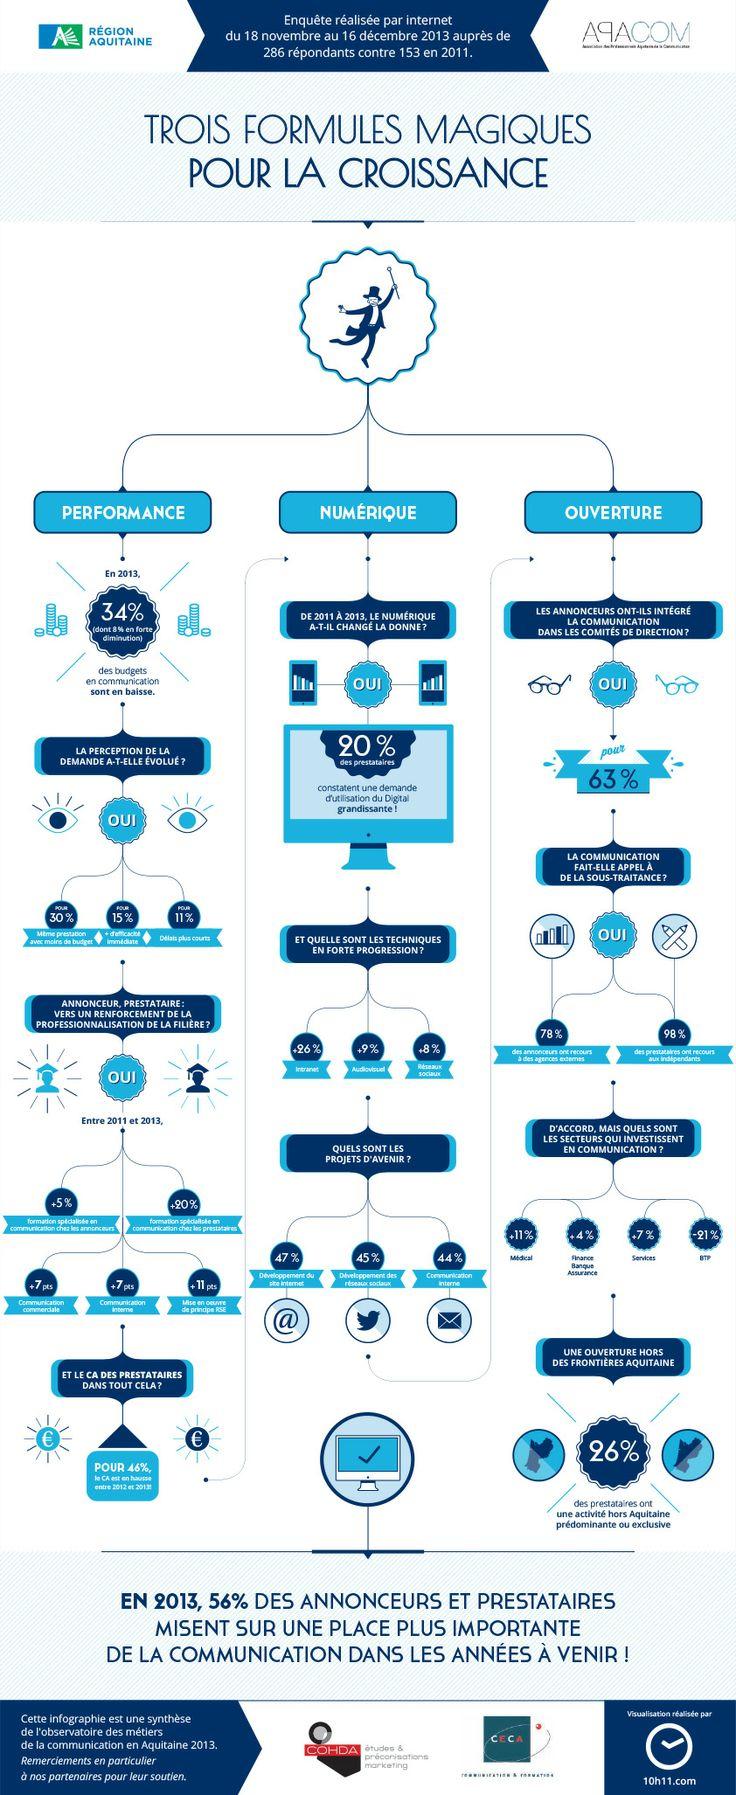 10h11 a été missionné pour mettre en forme les #donnees de l'Observatoire des métiers de la #communication pour le compte de l'APACOM. #Analyse, #filtre, #scénarisation et #visualisation de données ont permis de réaliser une #infographie synthétique. #infographic #data #datavizualisation